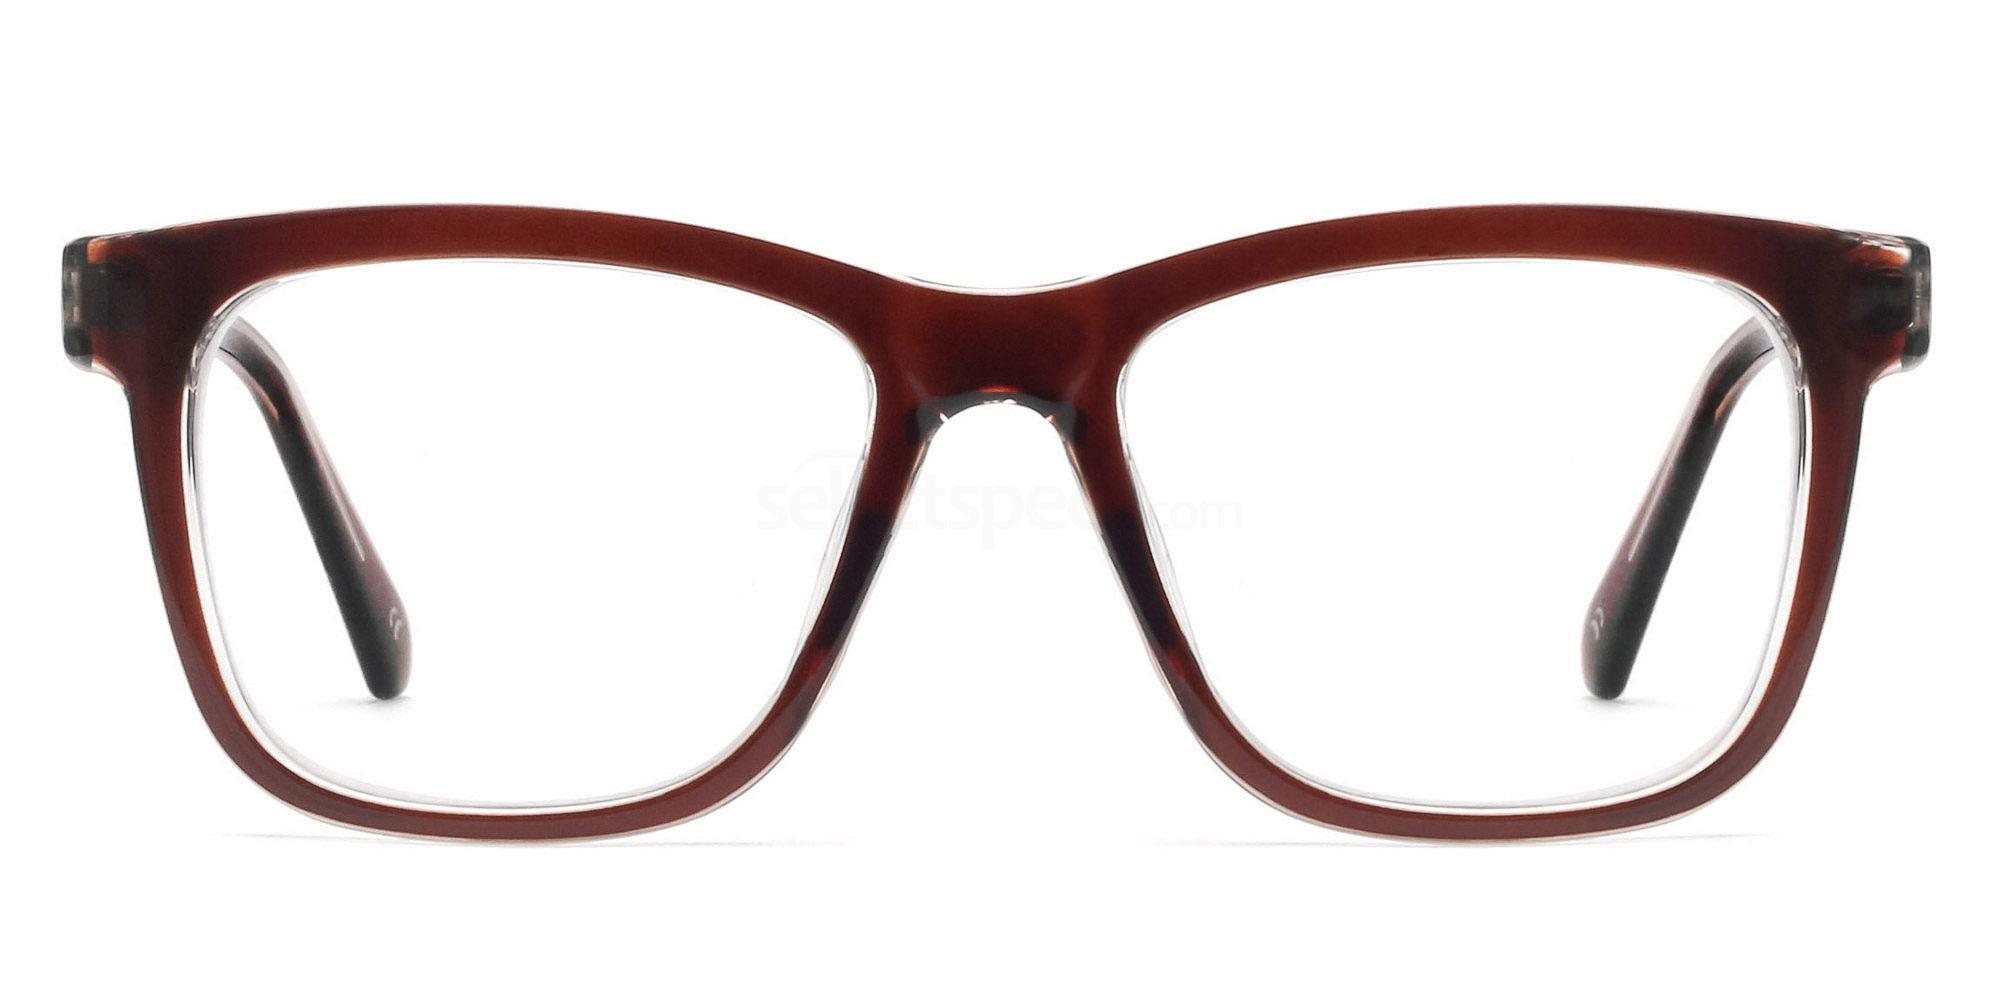 C37 2444 - Brown Glasses, Savannah